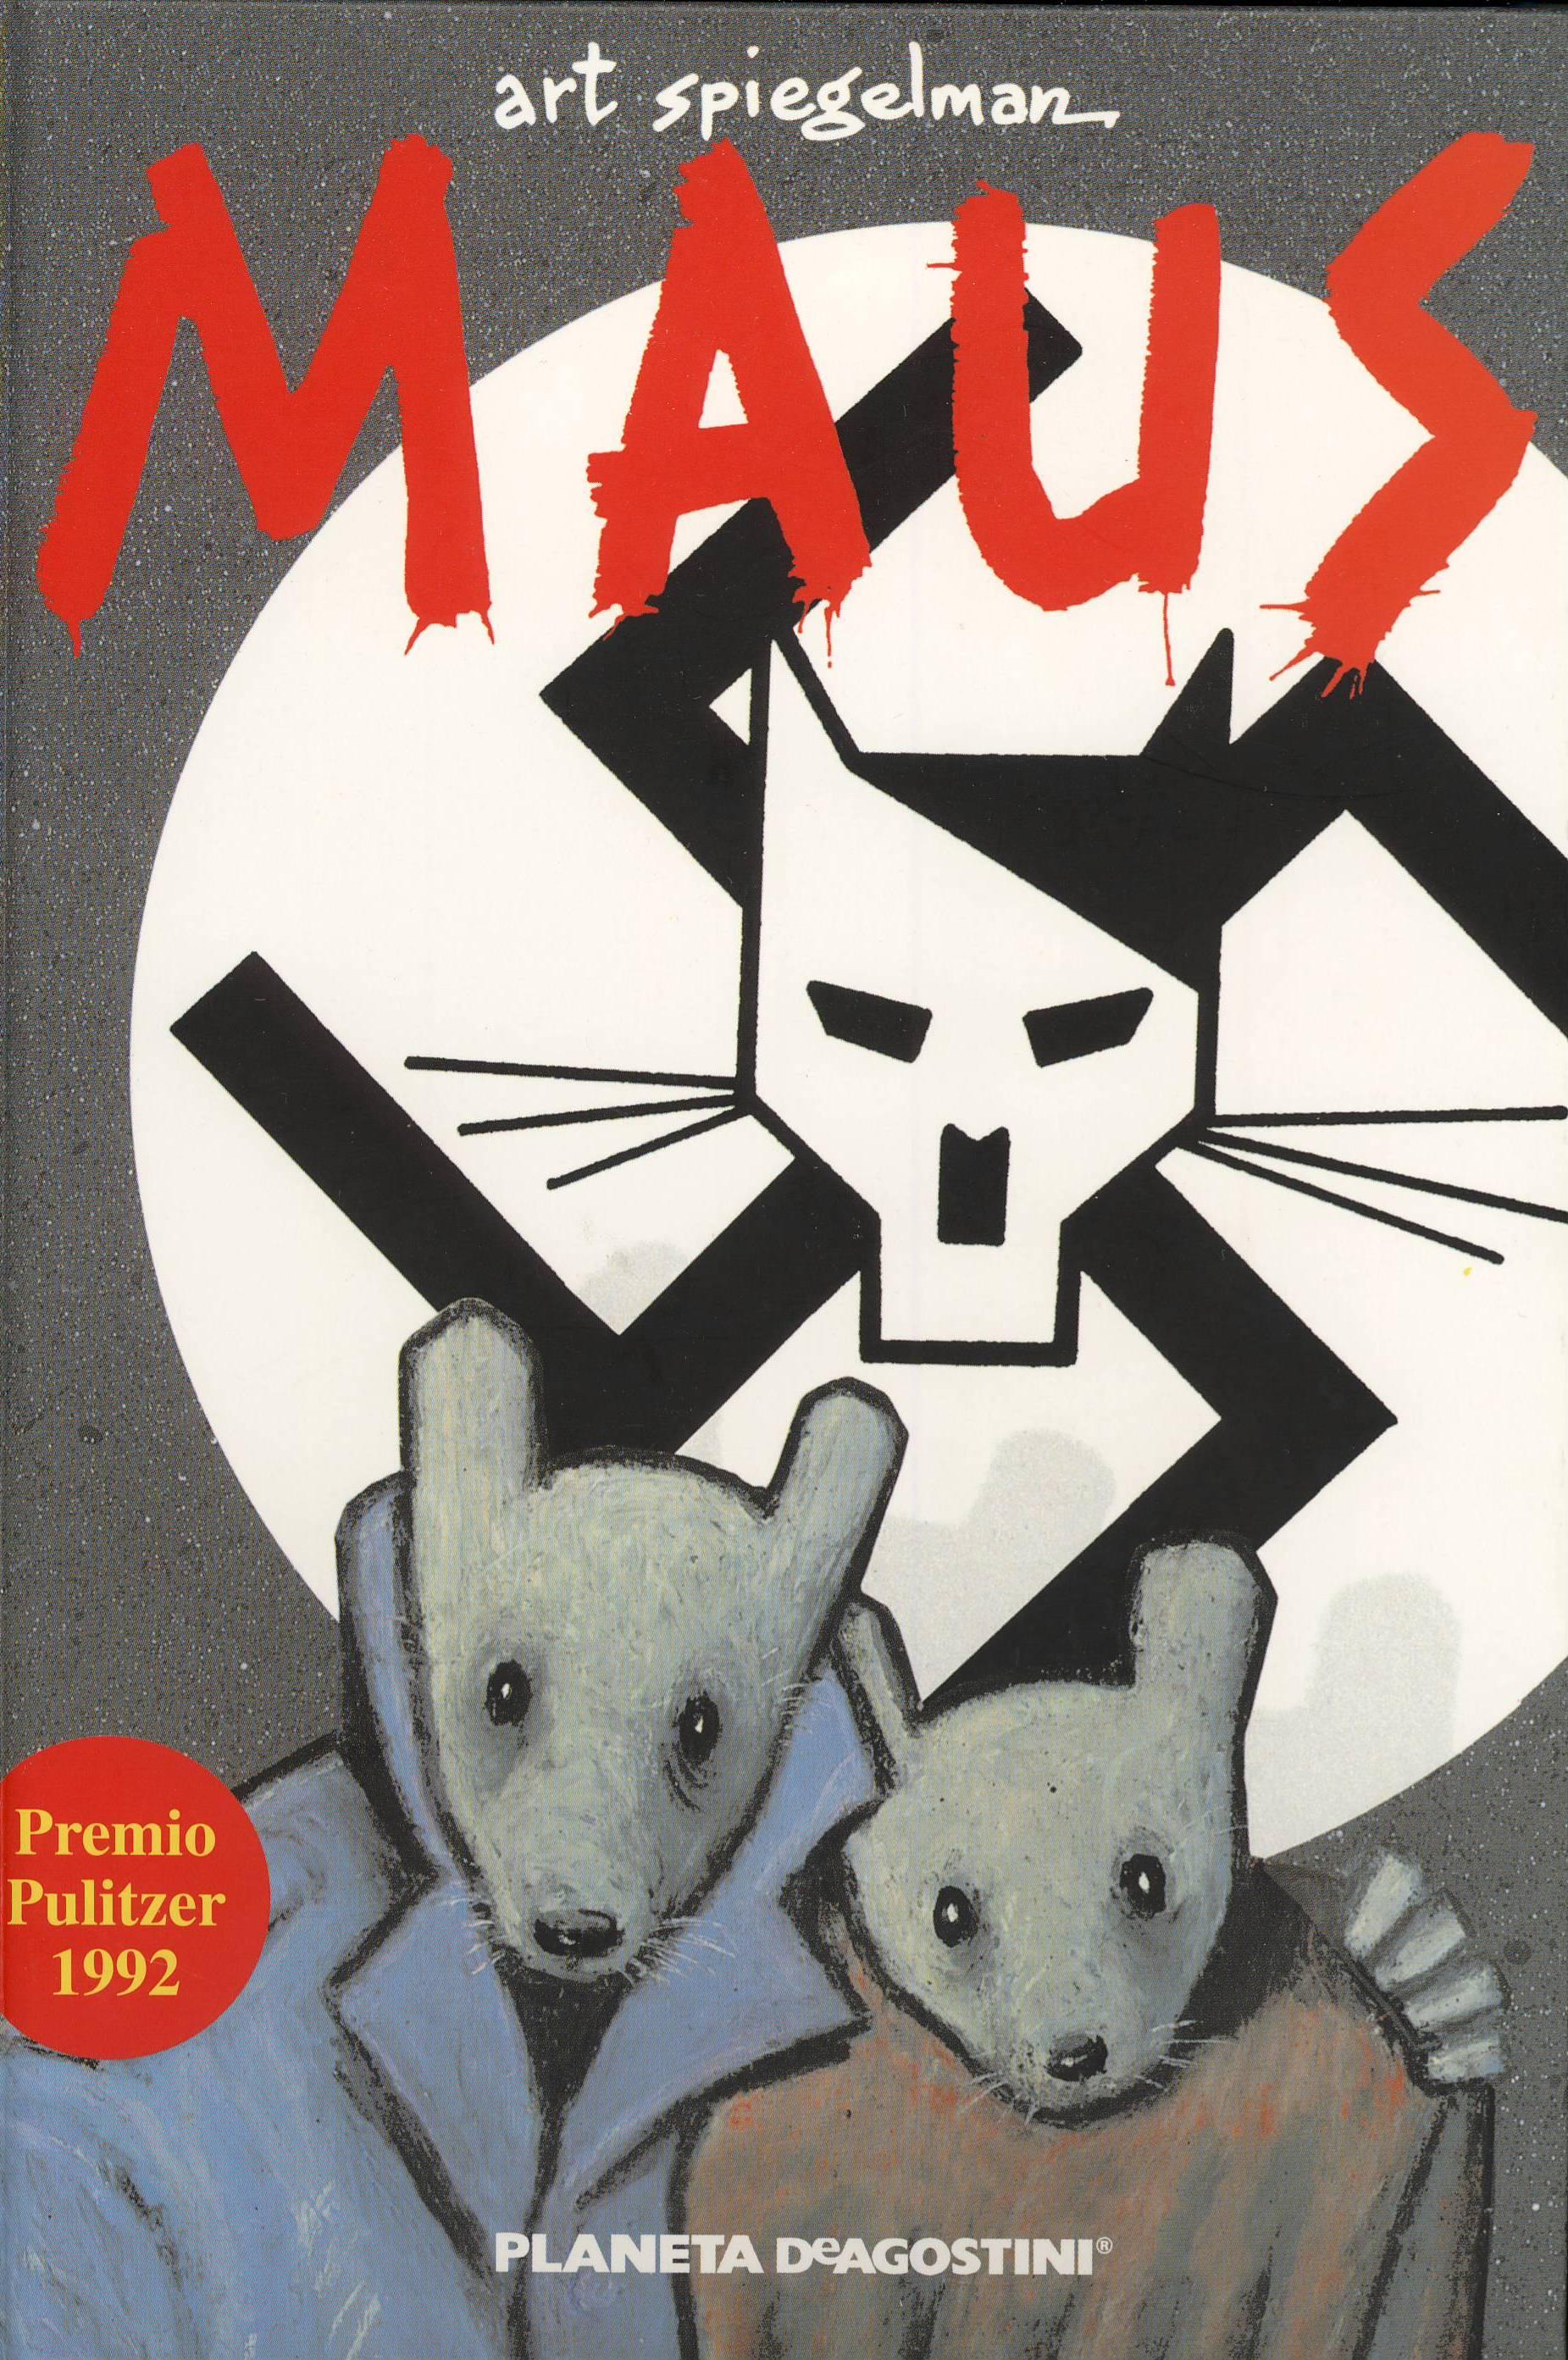 Portada del cómic Maus de Art Spiegelman